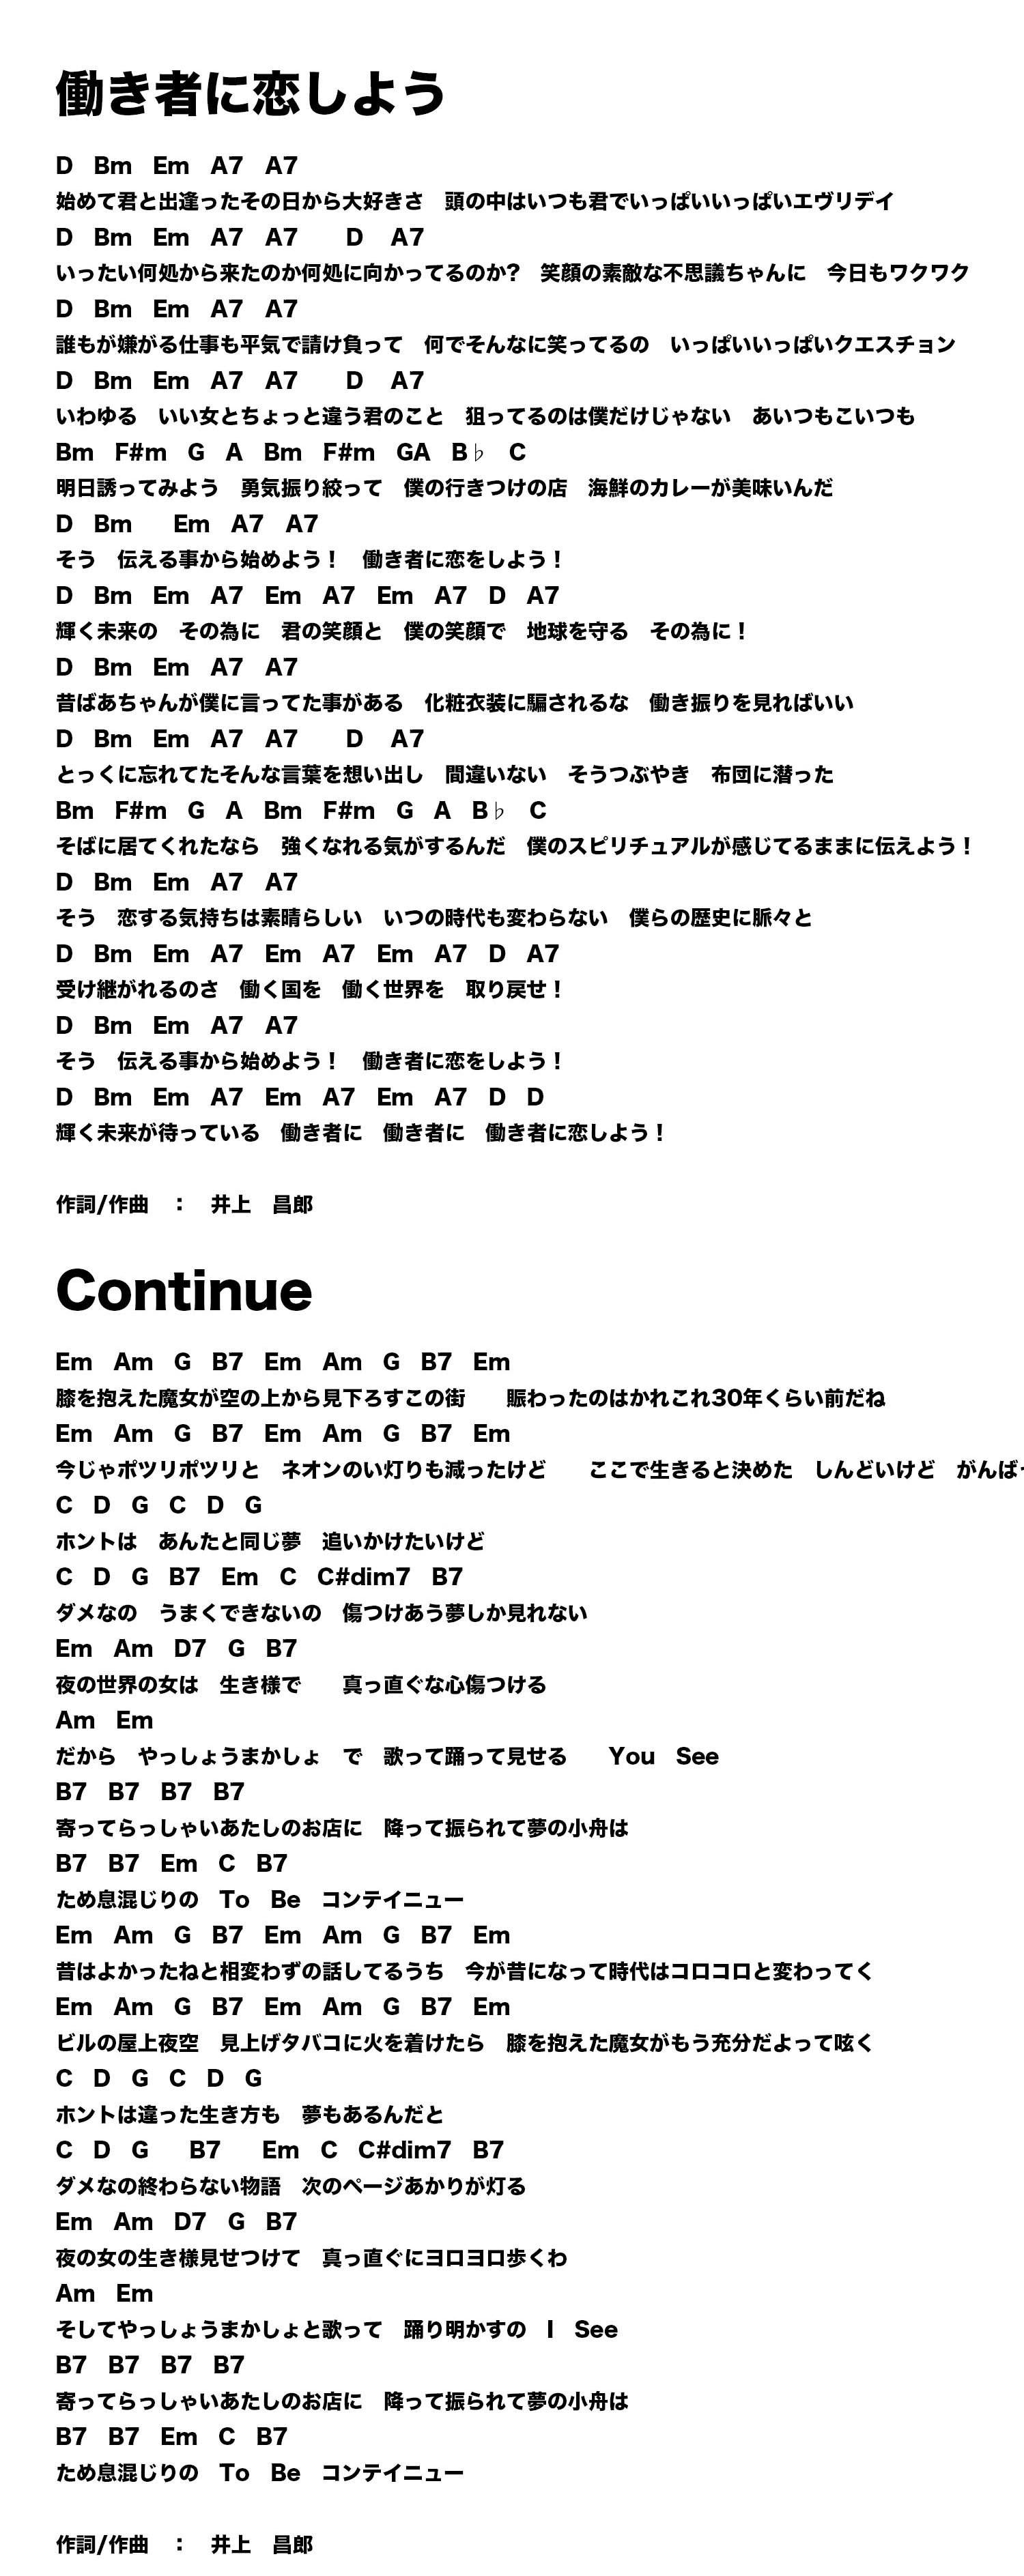 歌詞04.jpg